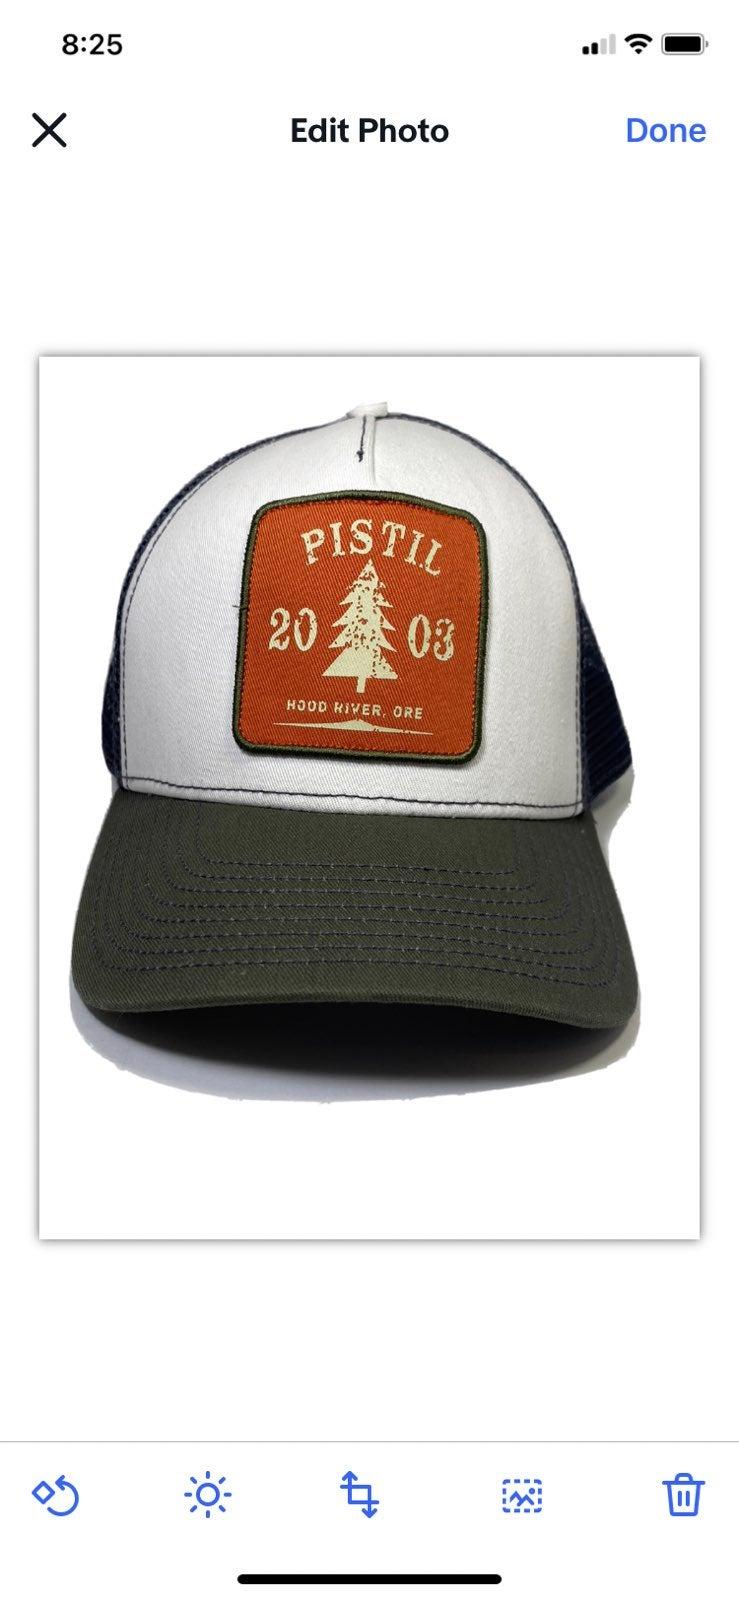 Pistil Hood River Oregon Hat Outdoors